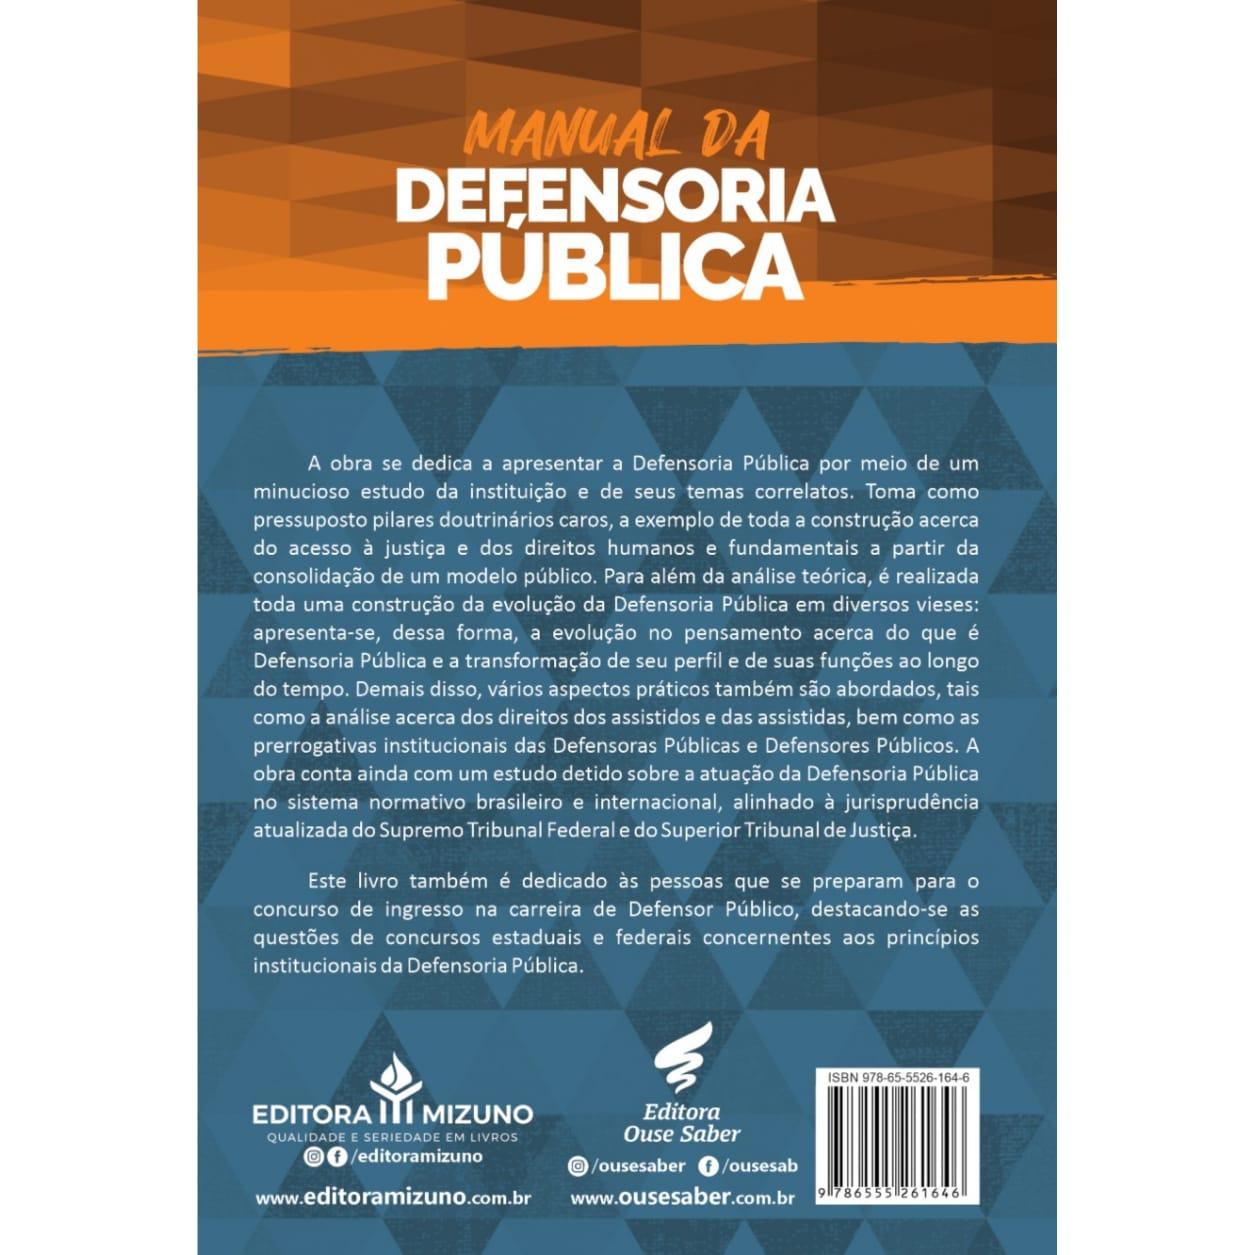 Manual da Defensoria Pública